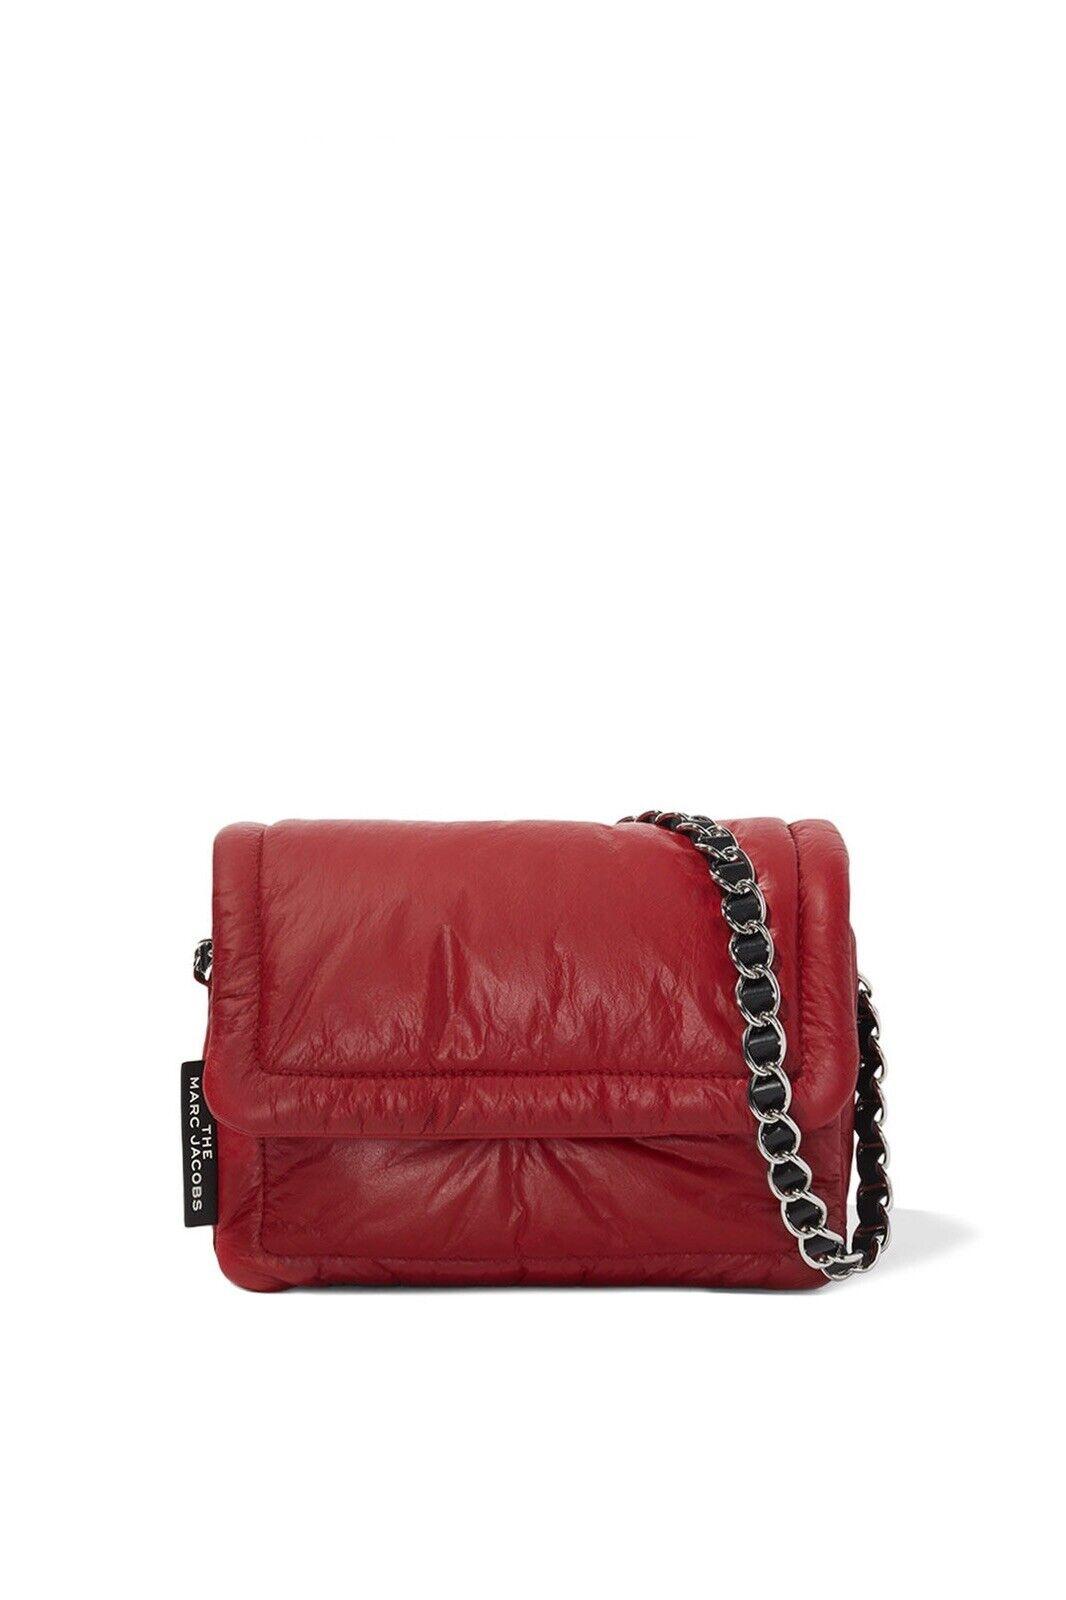 marc jacobs the mini pillow leather shoulder bag m0015773